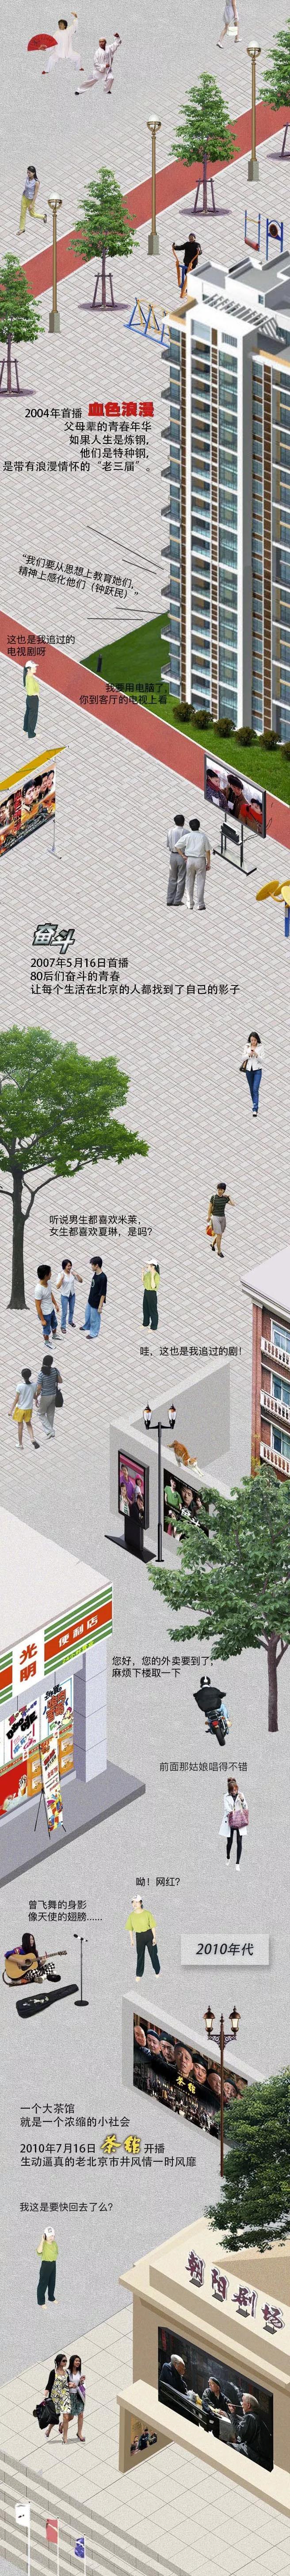 重温那些年生活在北京,我们一起追过的电视剧……